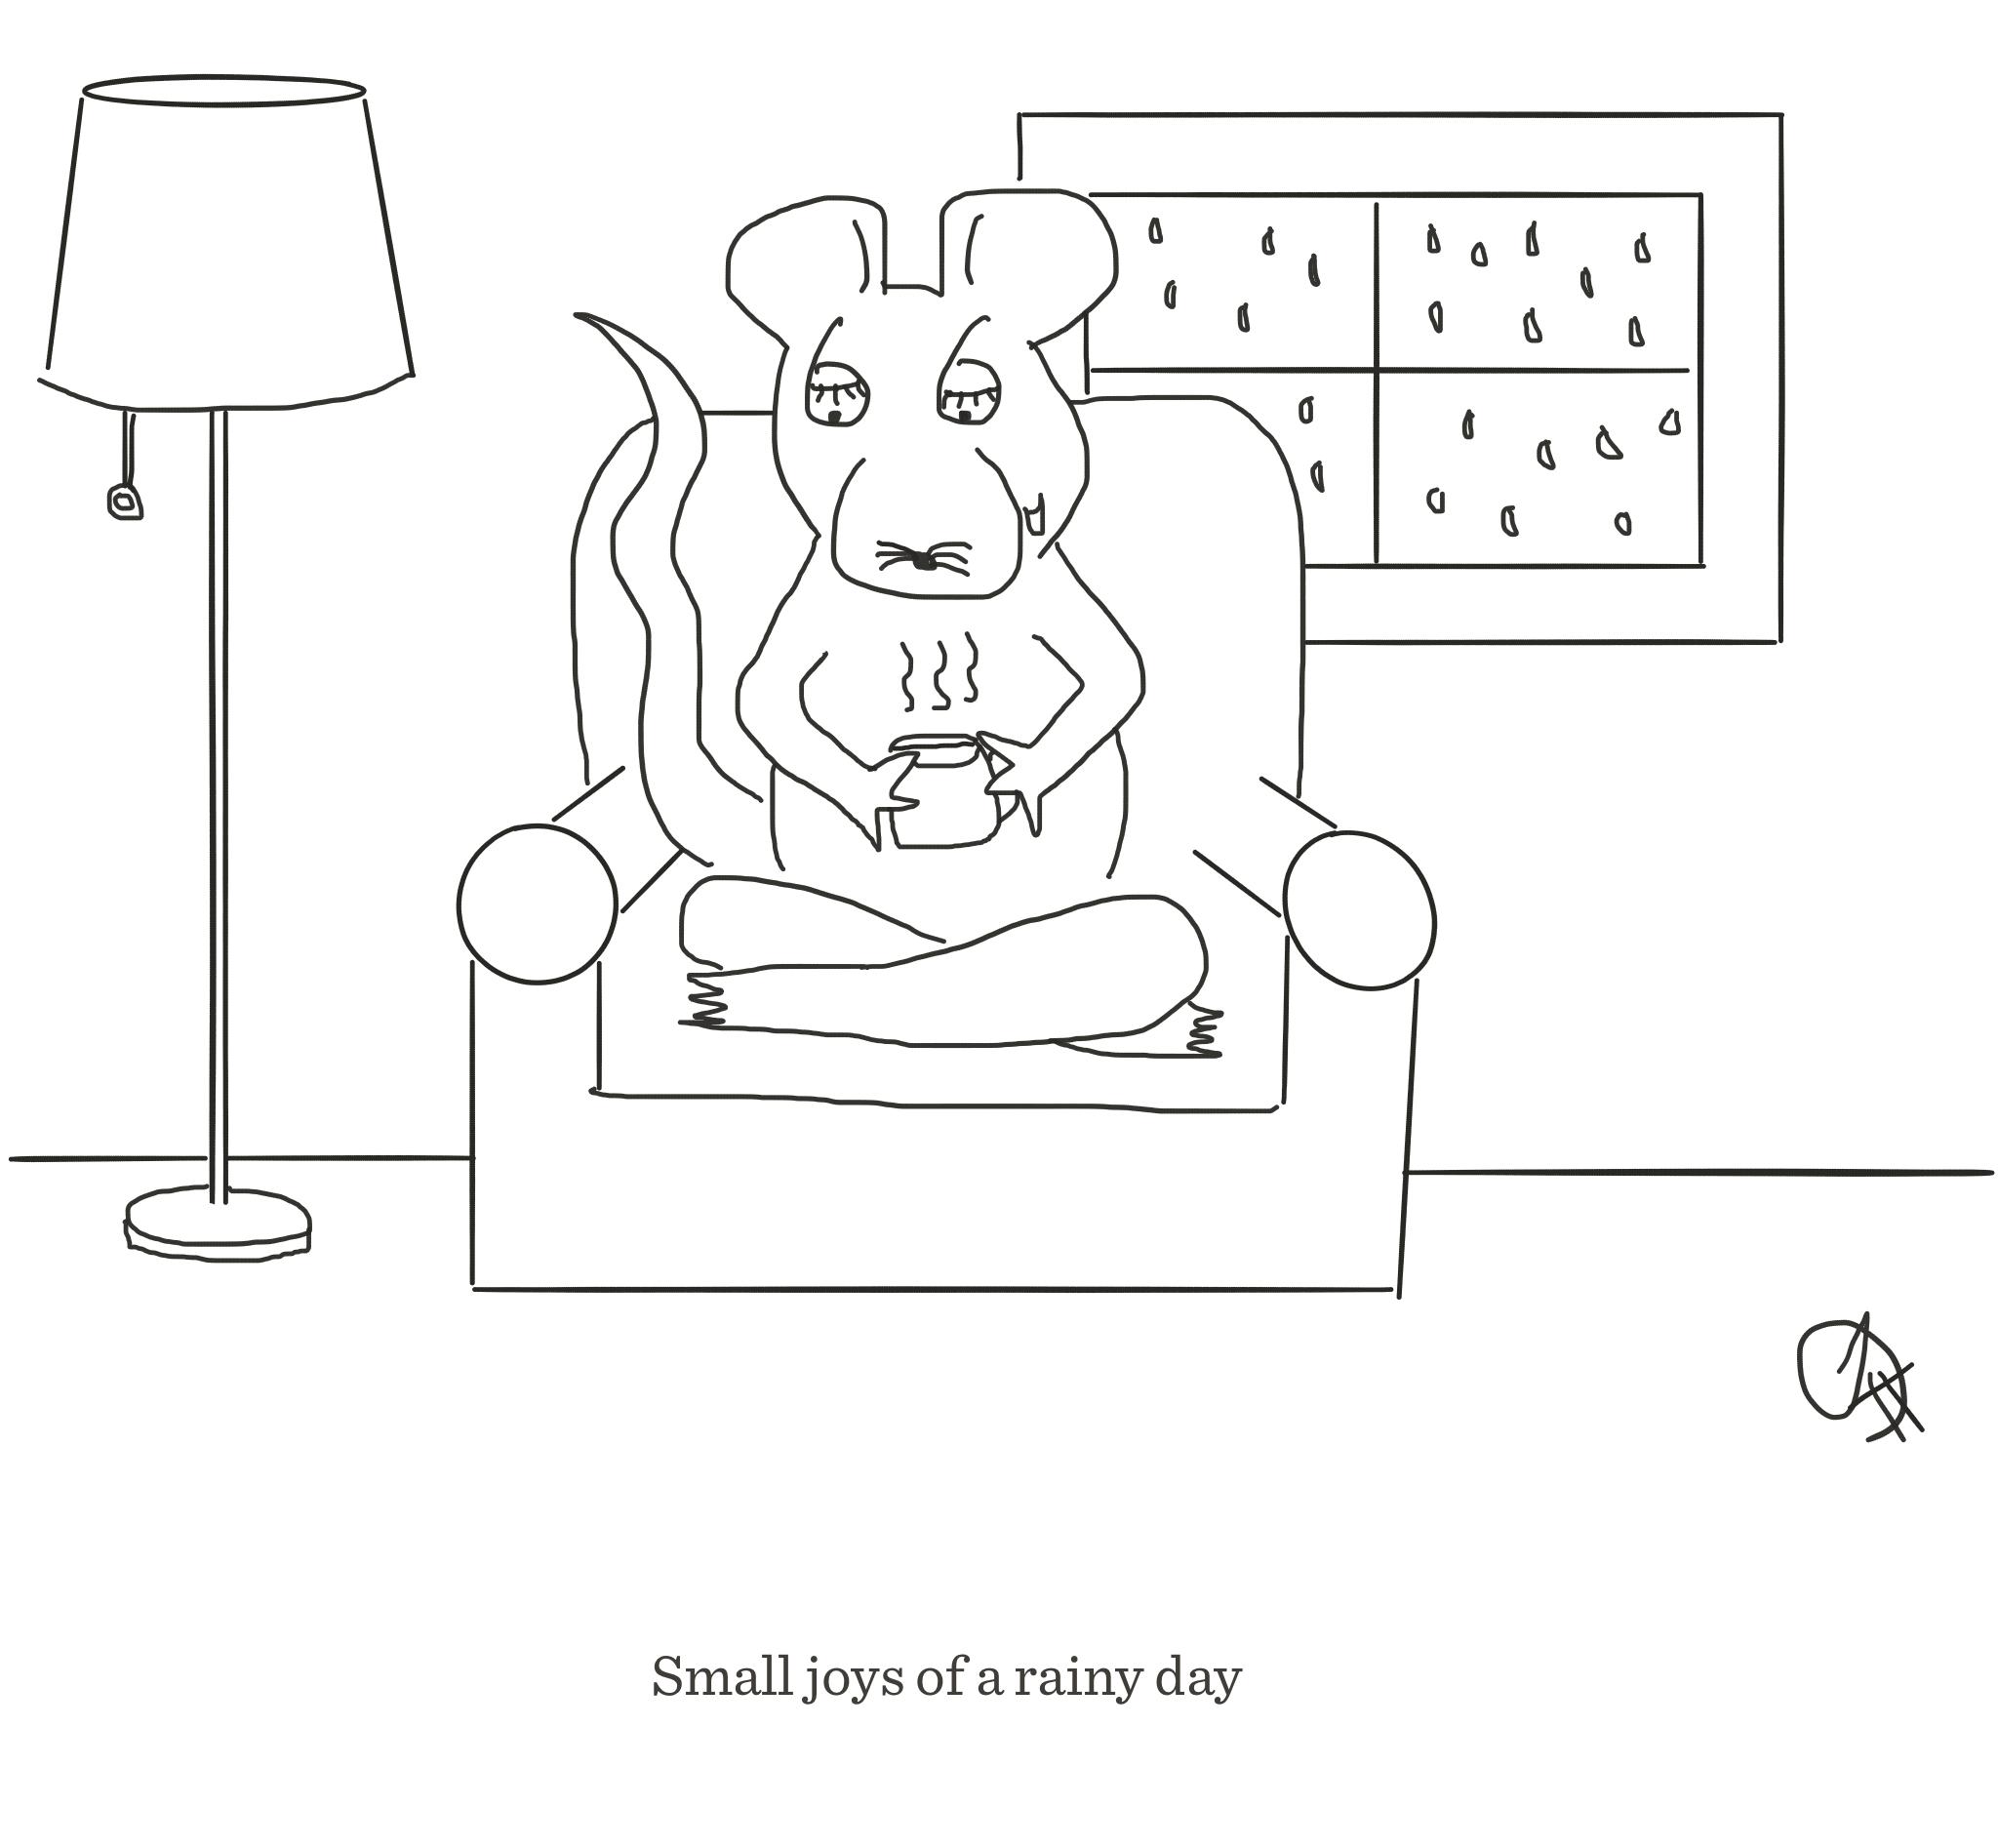 The joys of a rainy day, The Happy Rat cartoon